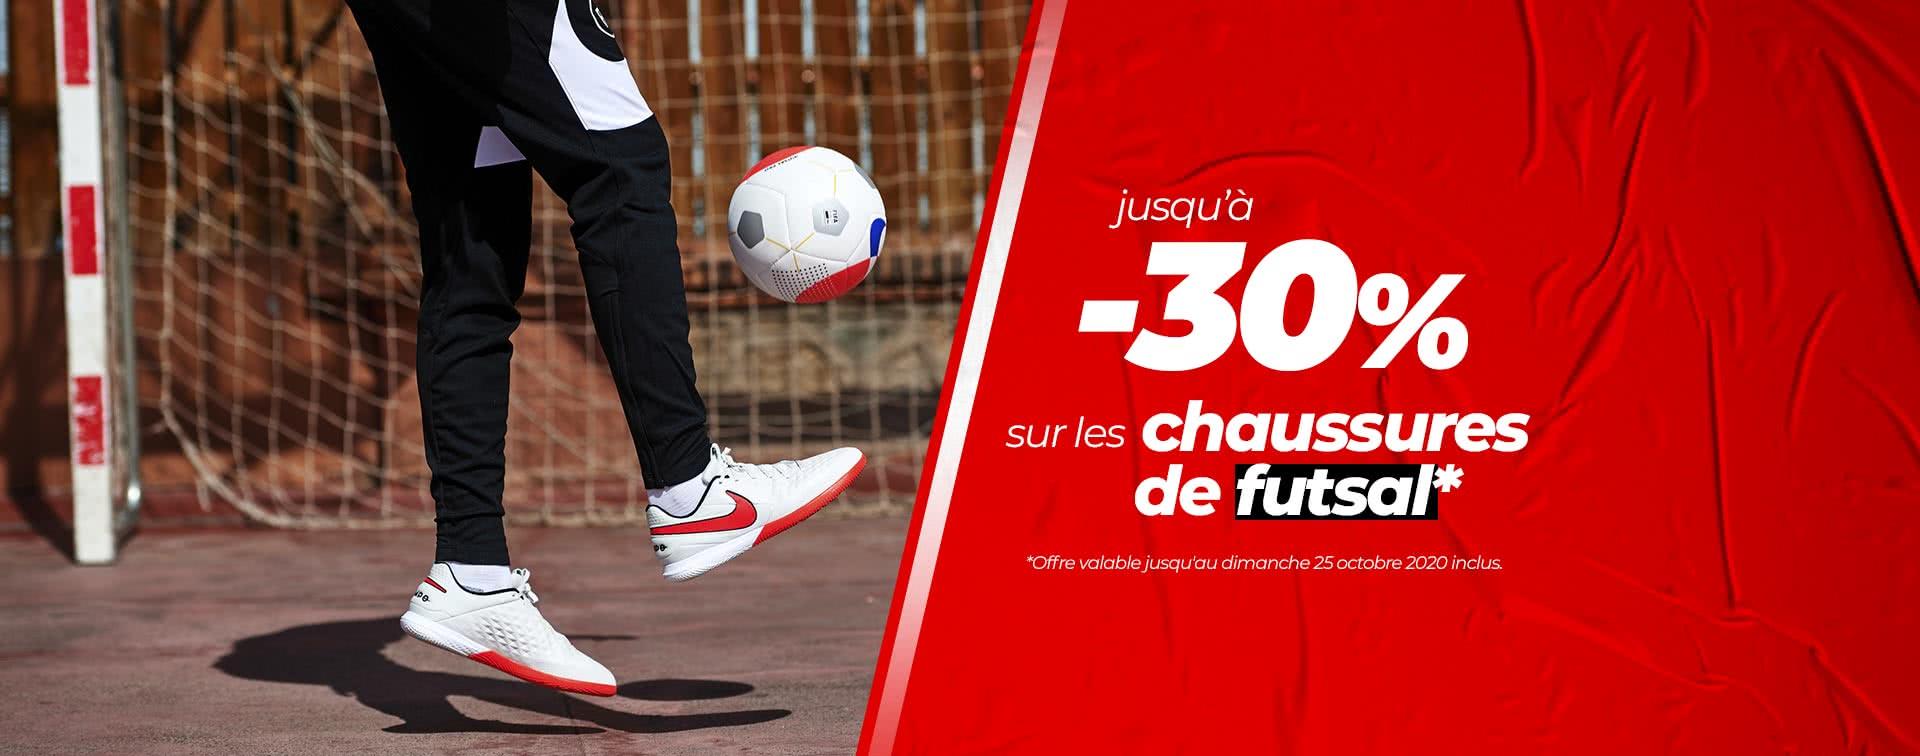 -30% sur les chaussures de futsal